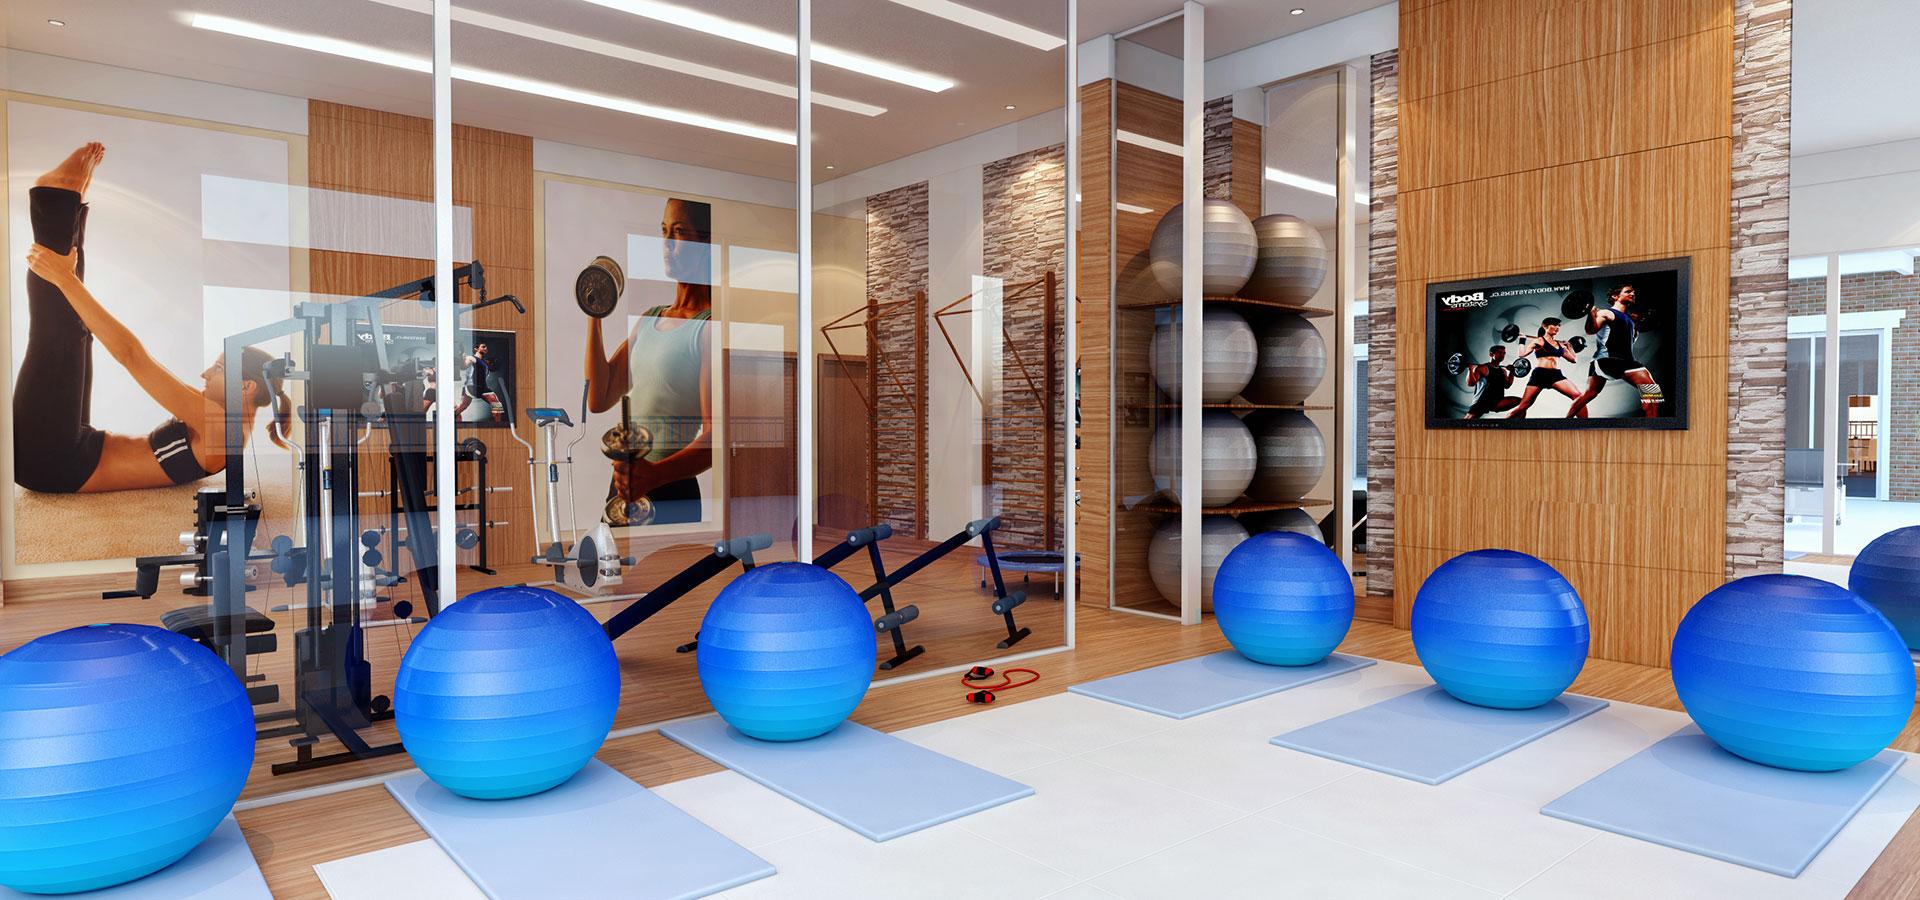 Nossolar-Fitness-Pilates-Ang-2-Alta-editado-